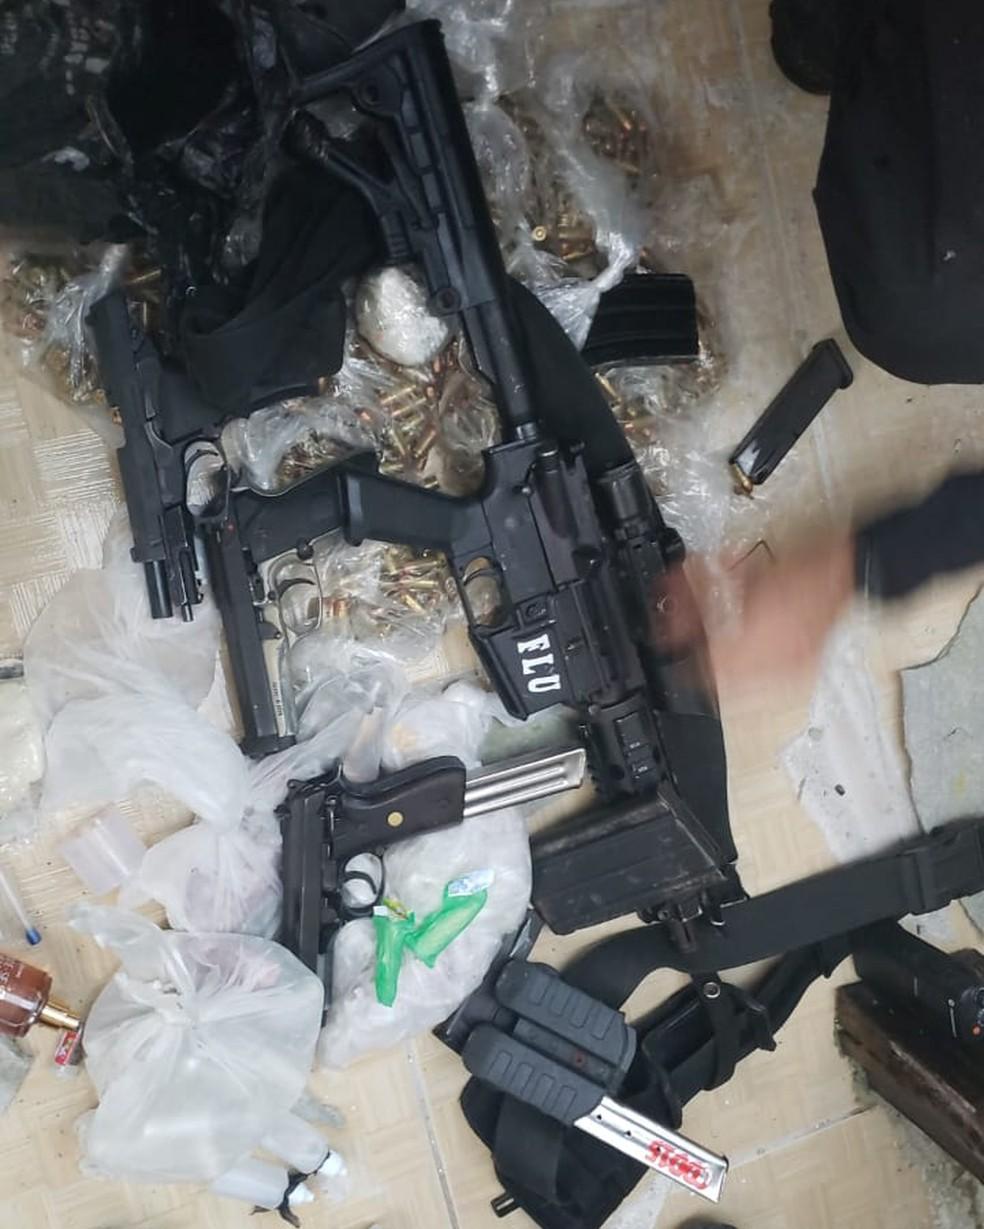 Armas apreendidas junto com os presos durante ação na Cidade de Deus — Foto: Divulgação/Polícia Civil